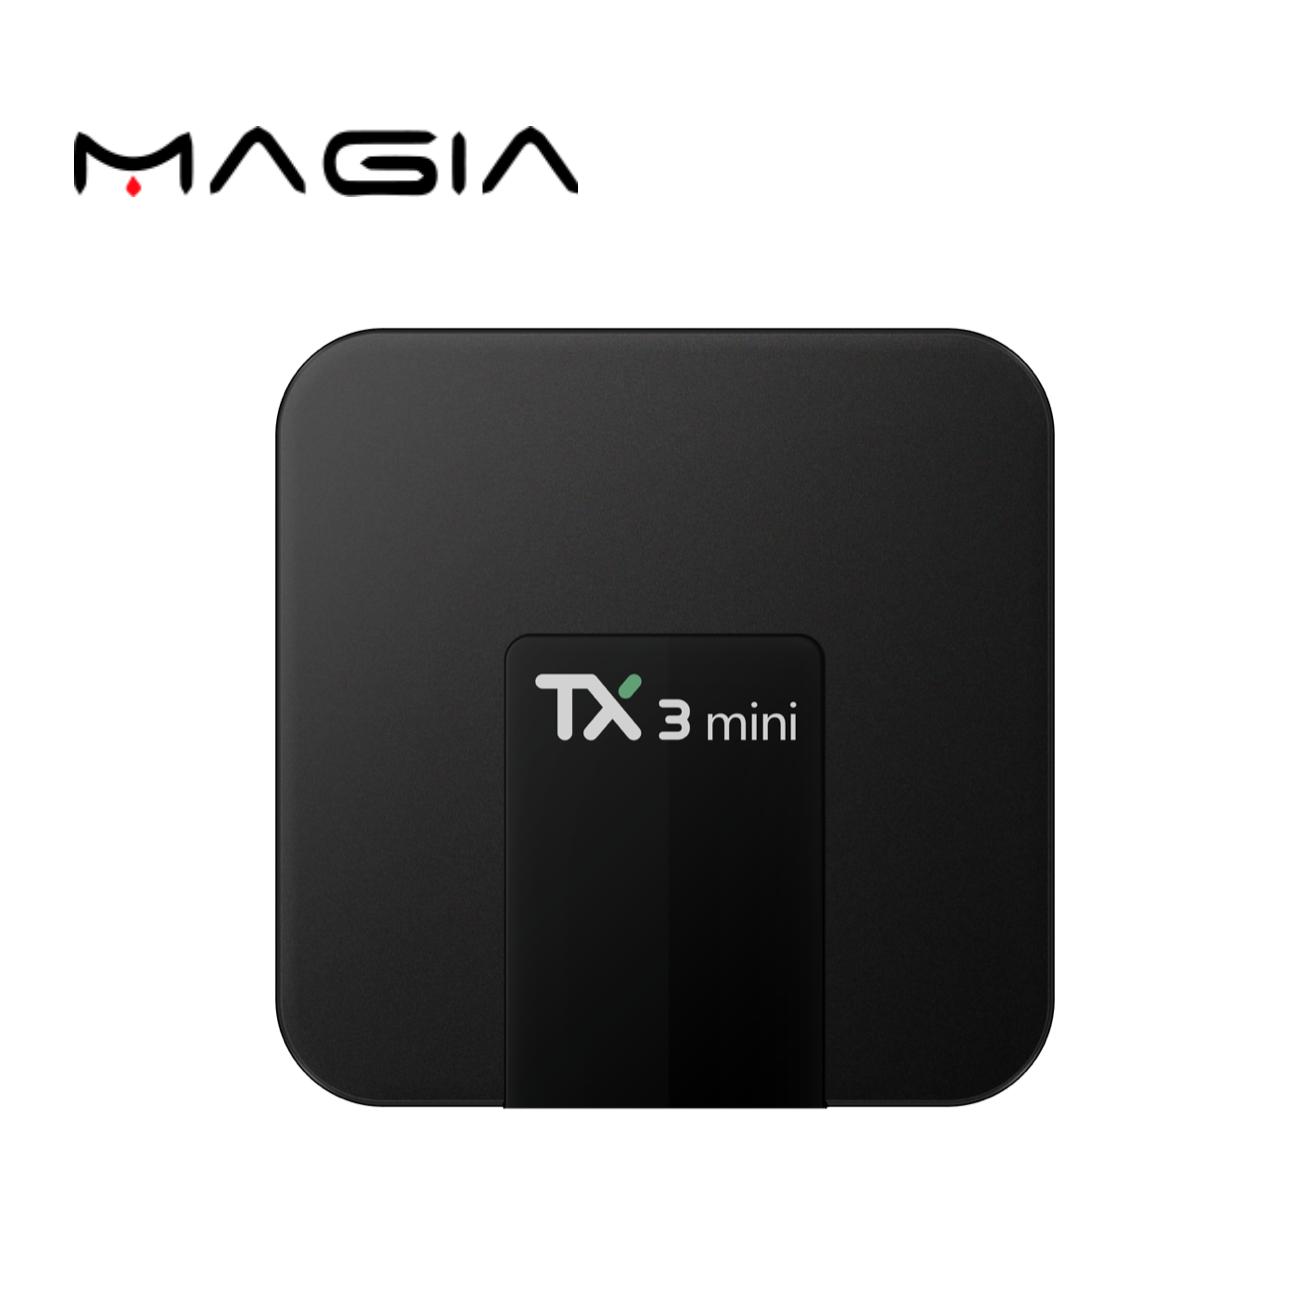 صندوق أندرويد رباعية النواة TX3 مصغرة ، 4k مربع التلفزيون الذكية 2g16g 1g8g الروبوت 8.1 أوس دعم netflix يوتيوب ألعاب أجهزة iptv مجموعة top box